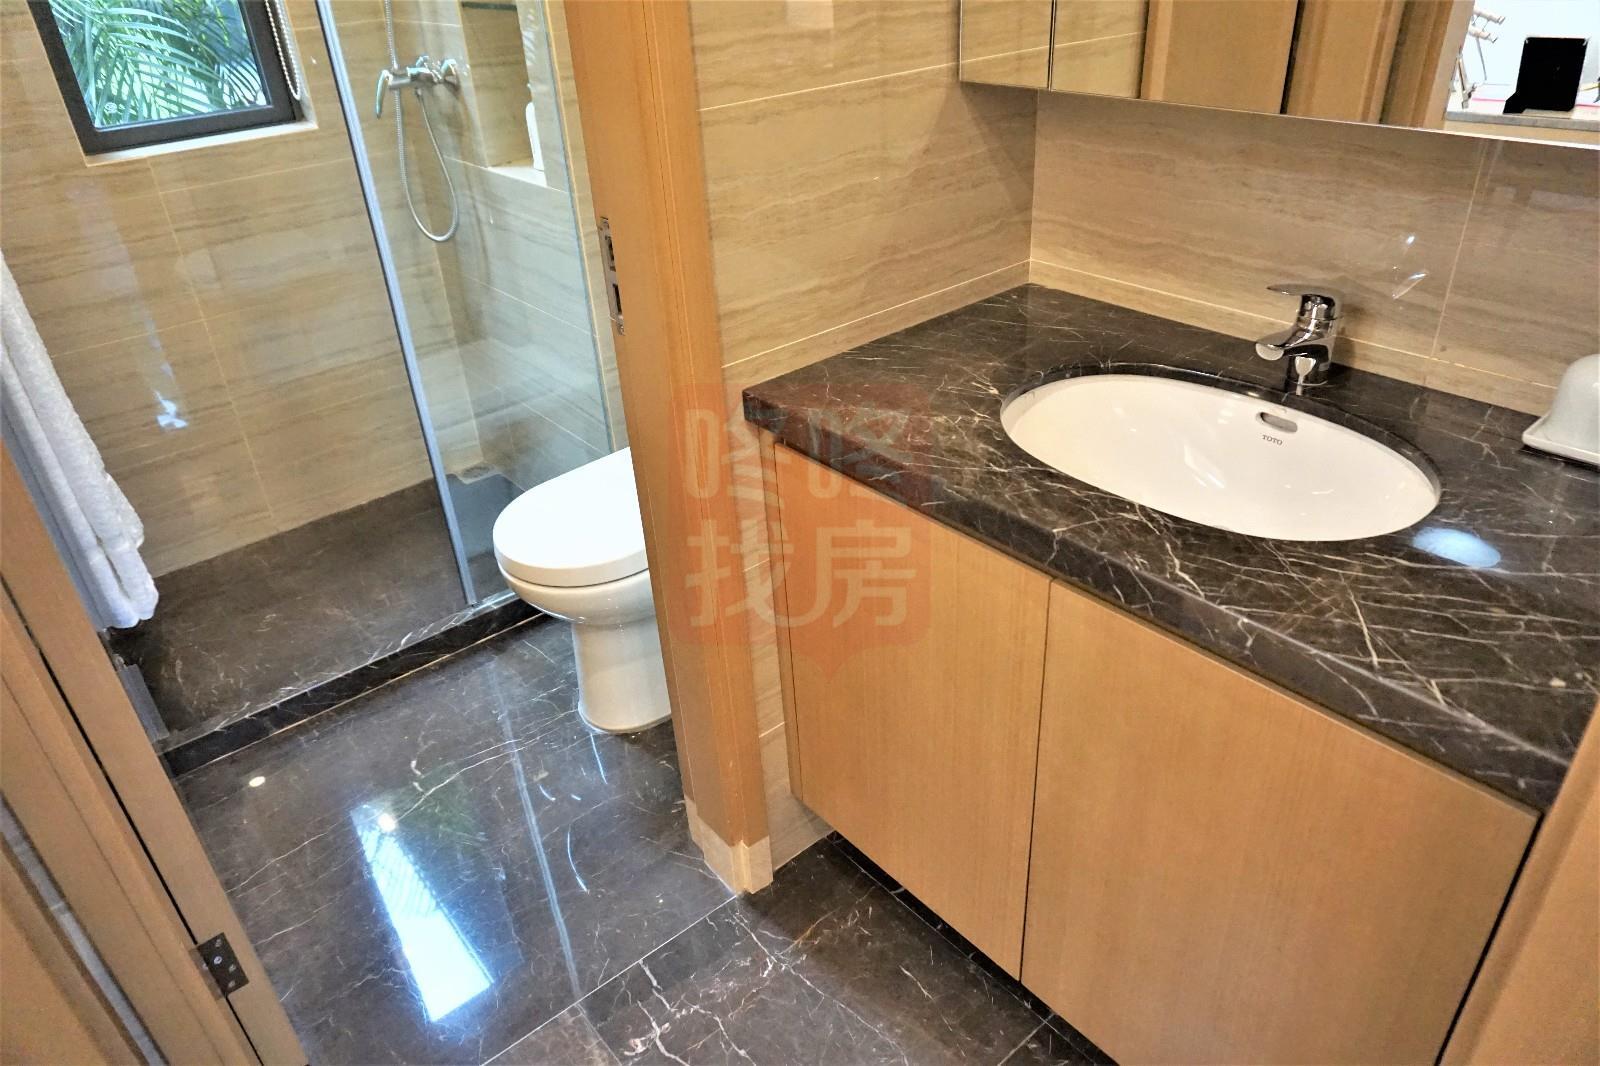 洗手间做到完全干湿分离